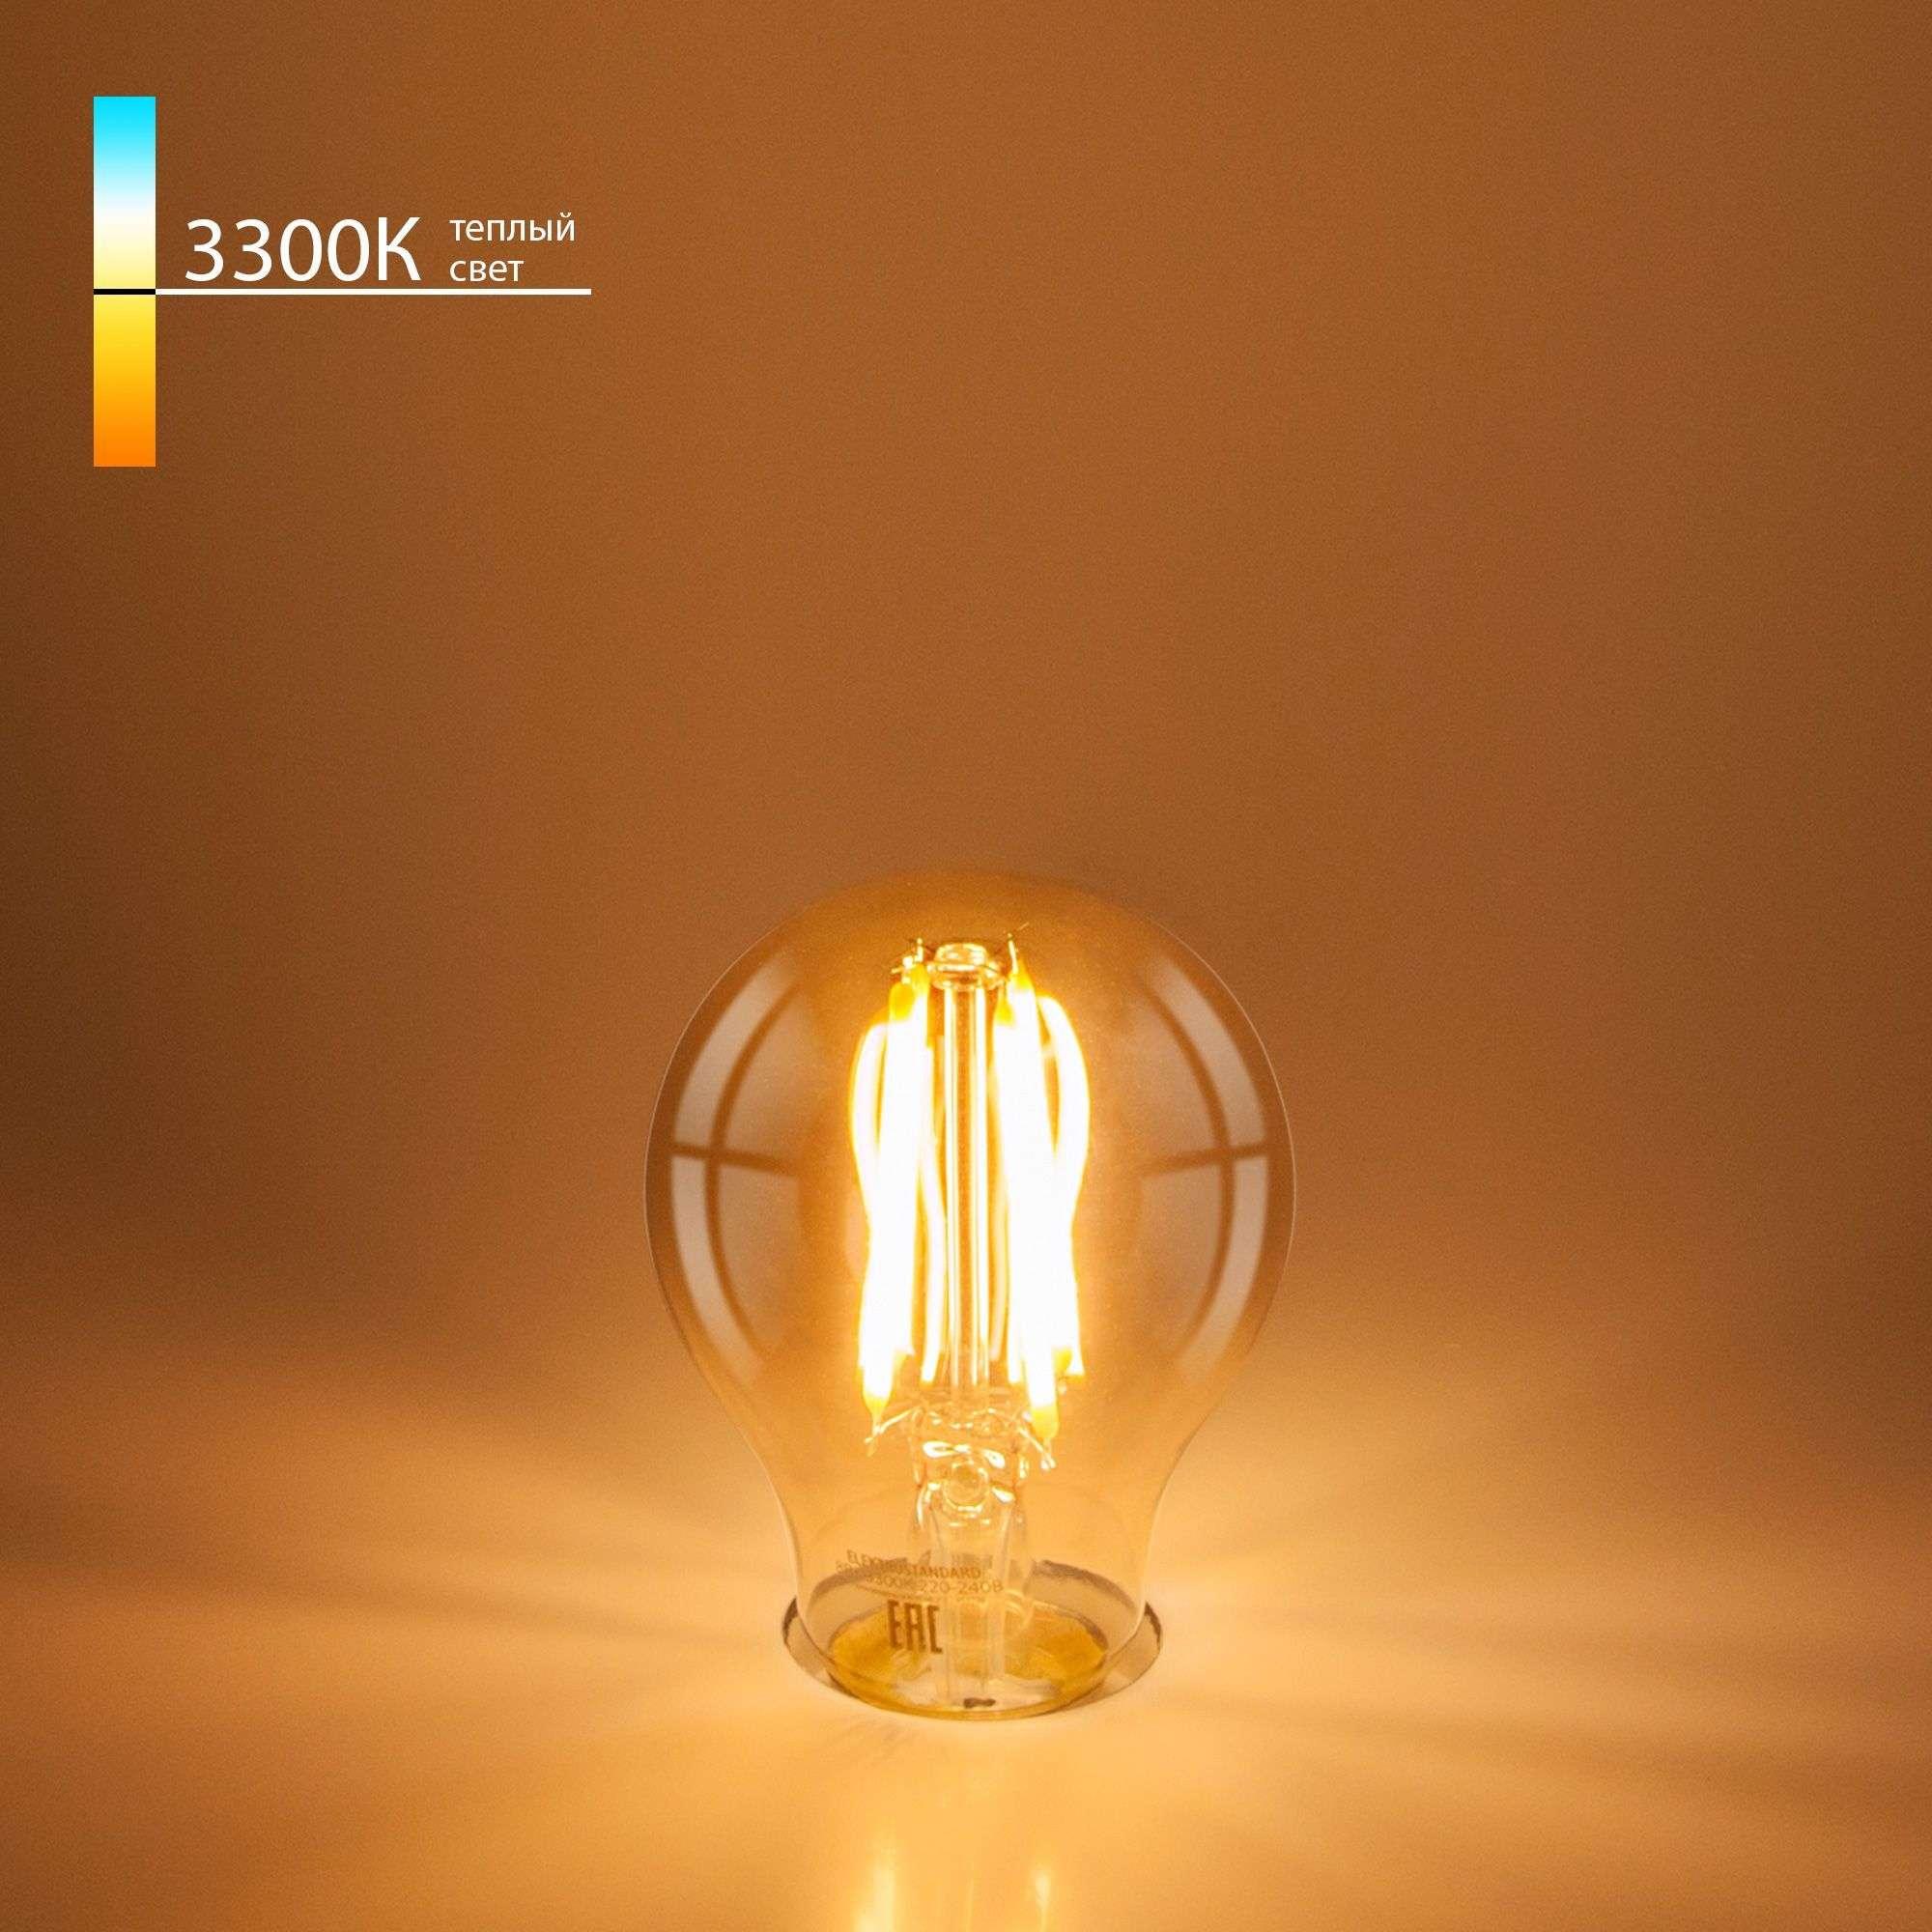 Филаментная светодиодная лампа A60 8W 3300K E27 Classic F 8W 3300K E27 ретро